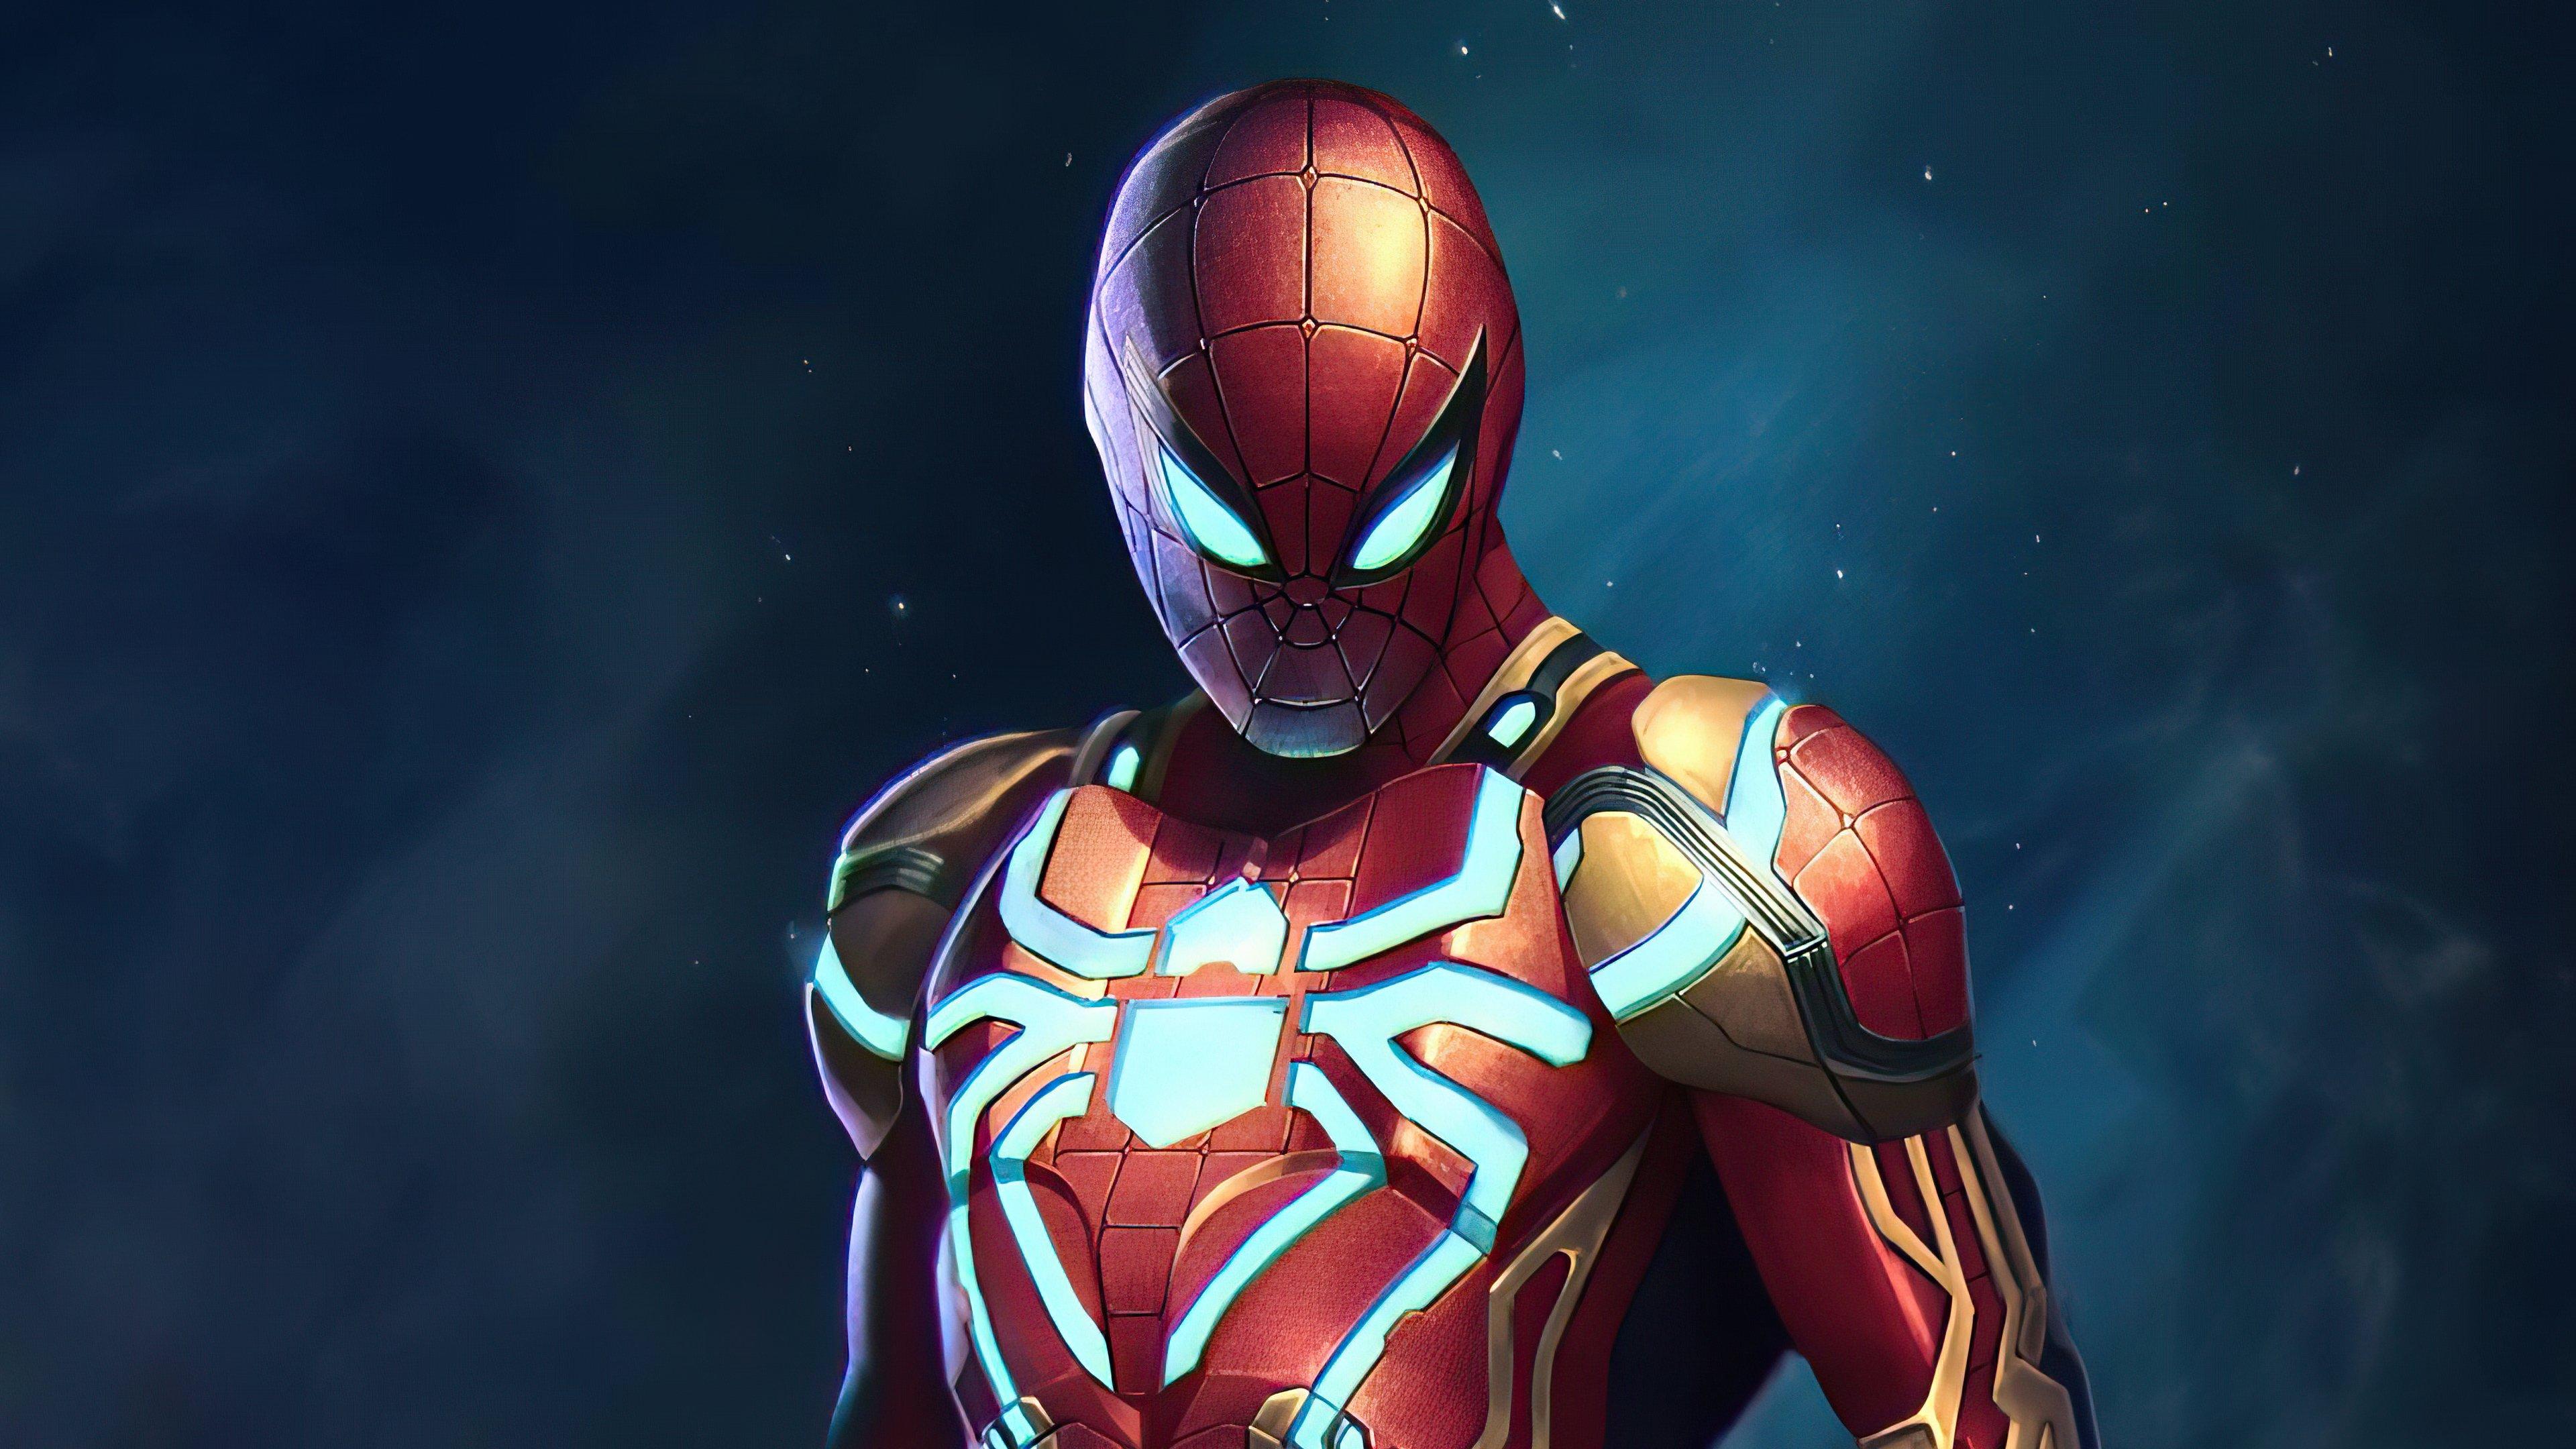 Fondos de pantalla El hombre araña con traje nuevo